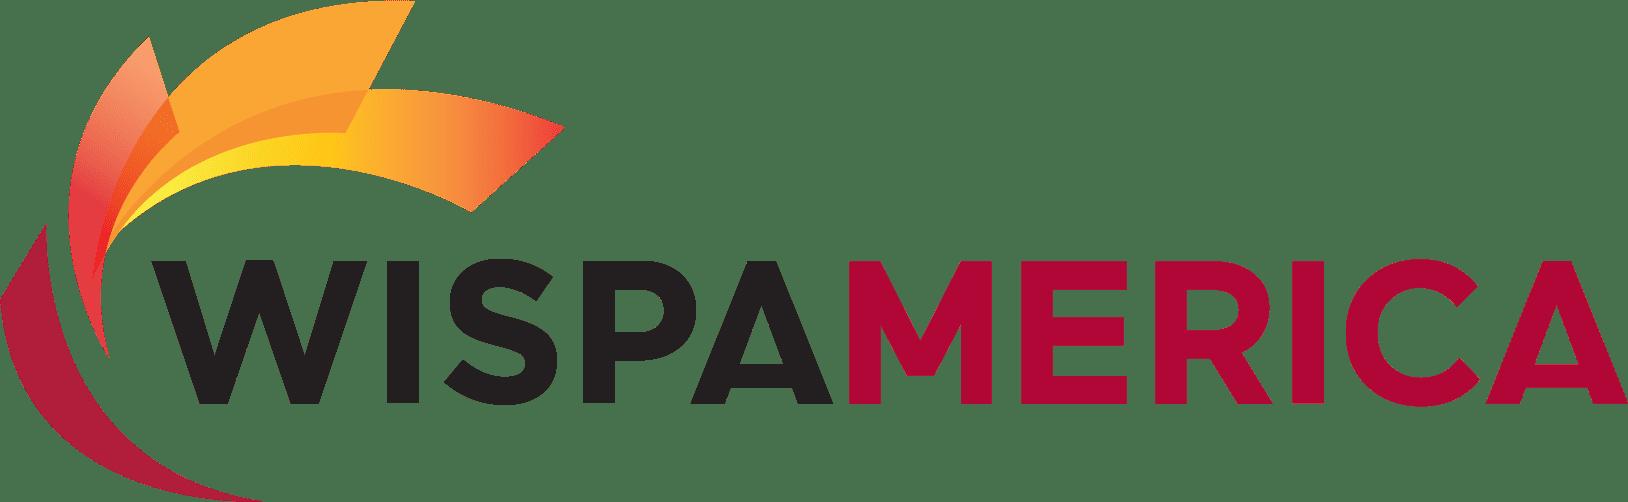 WISPAmerica 2019 – Cincinnati March 19-21